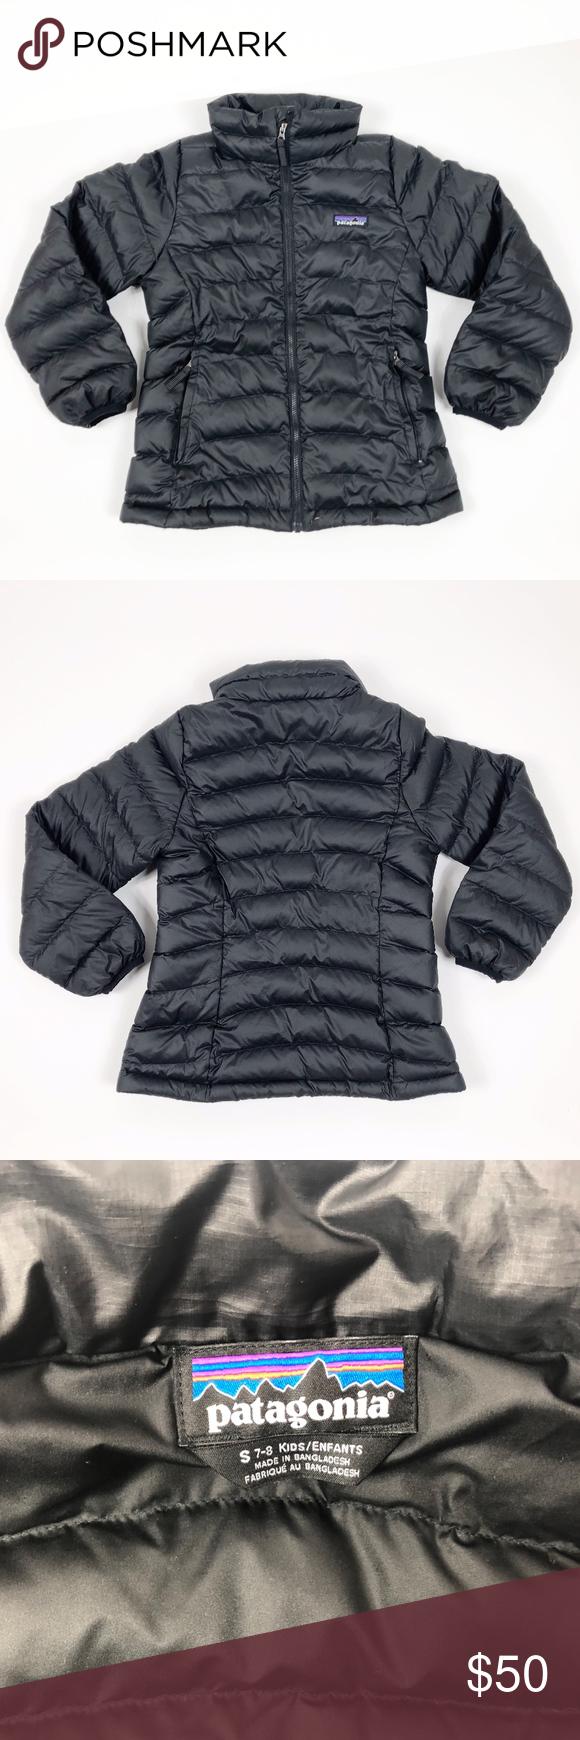 Patagonia Kids Puffer Black Jacket Size 7 8 Black Jacket Patagonia Kids Kid Puffer [ 1740 x 580 Pixel ]